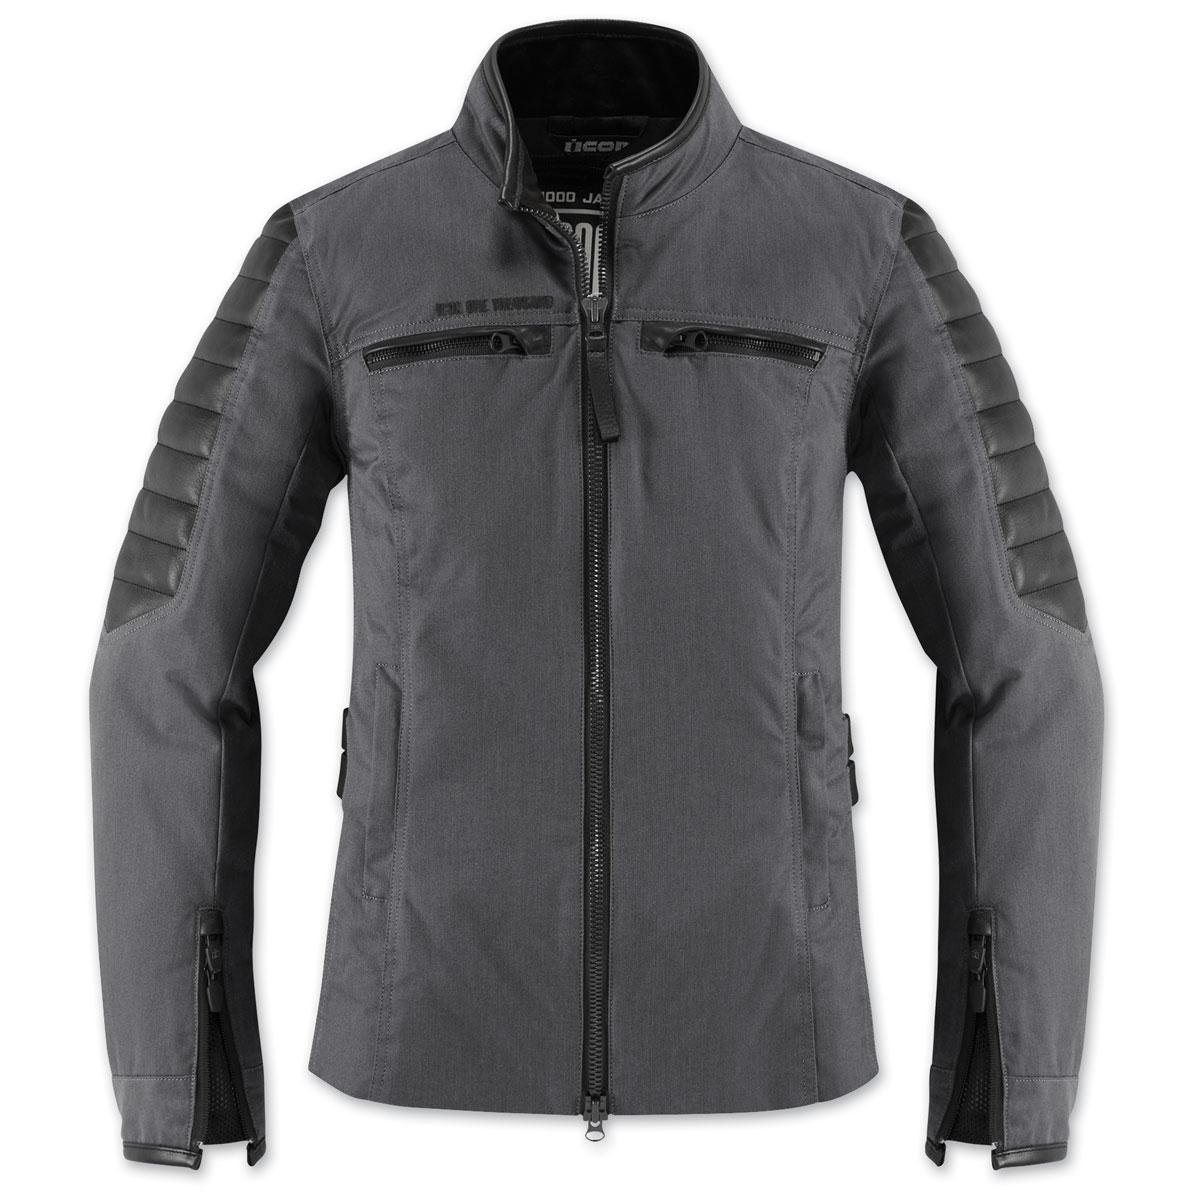 ICON One Thousand Women's MH1000 Black Textile Jacket